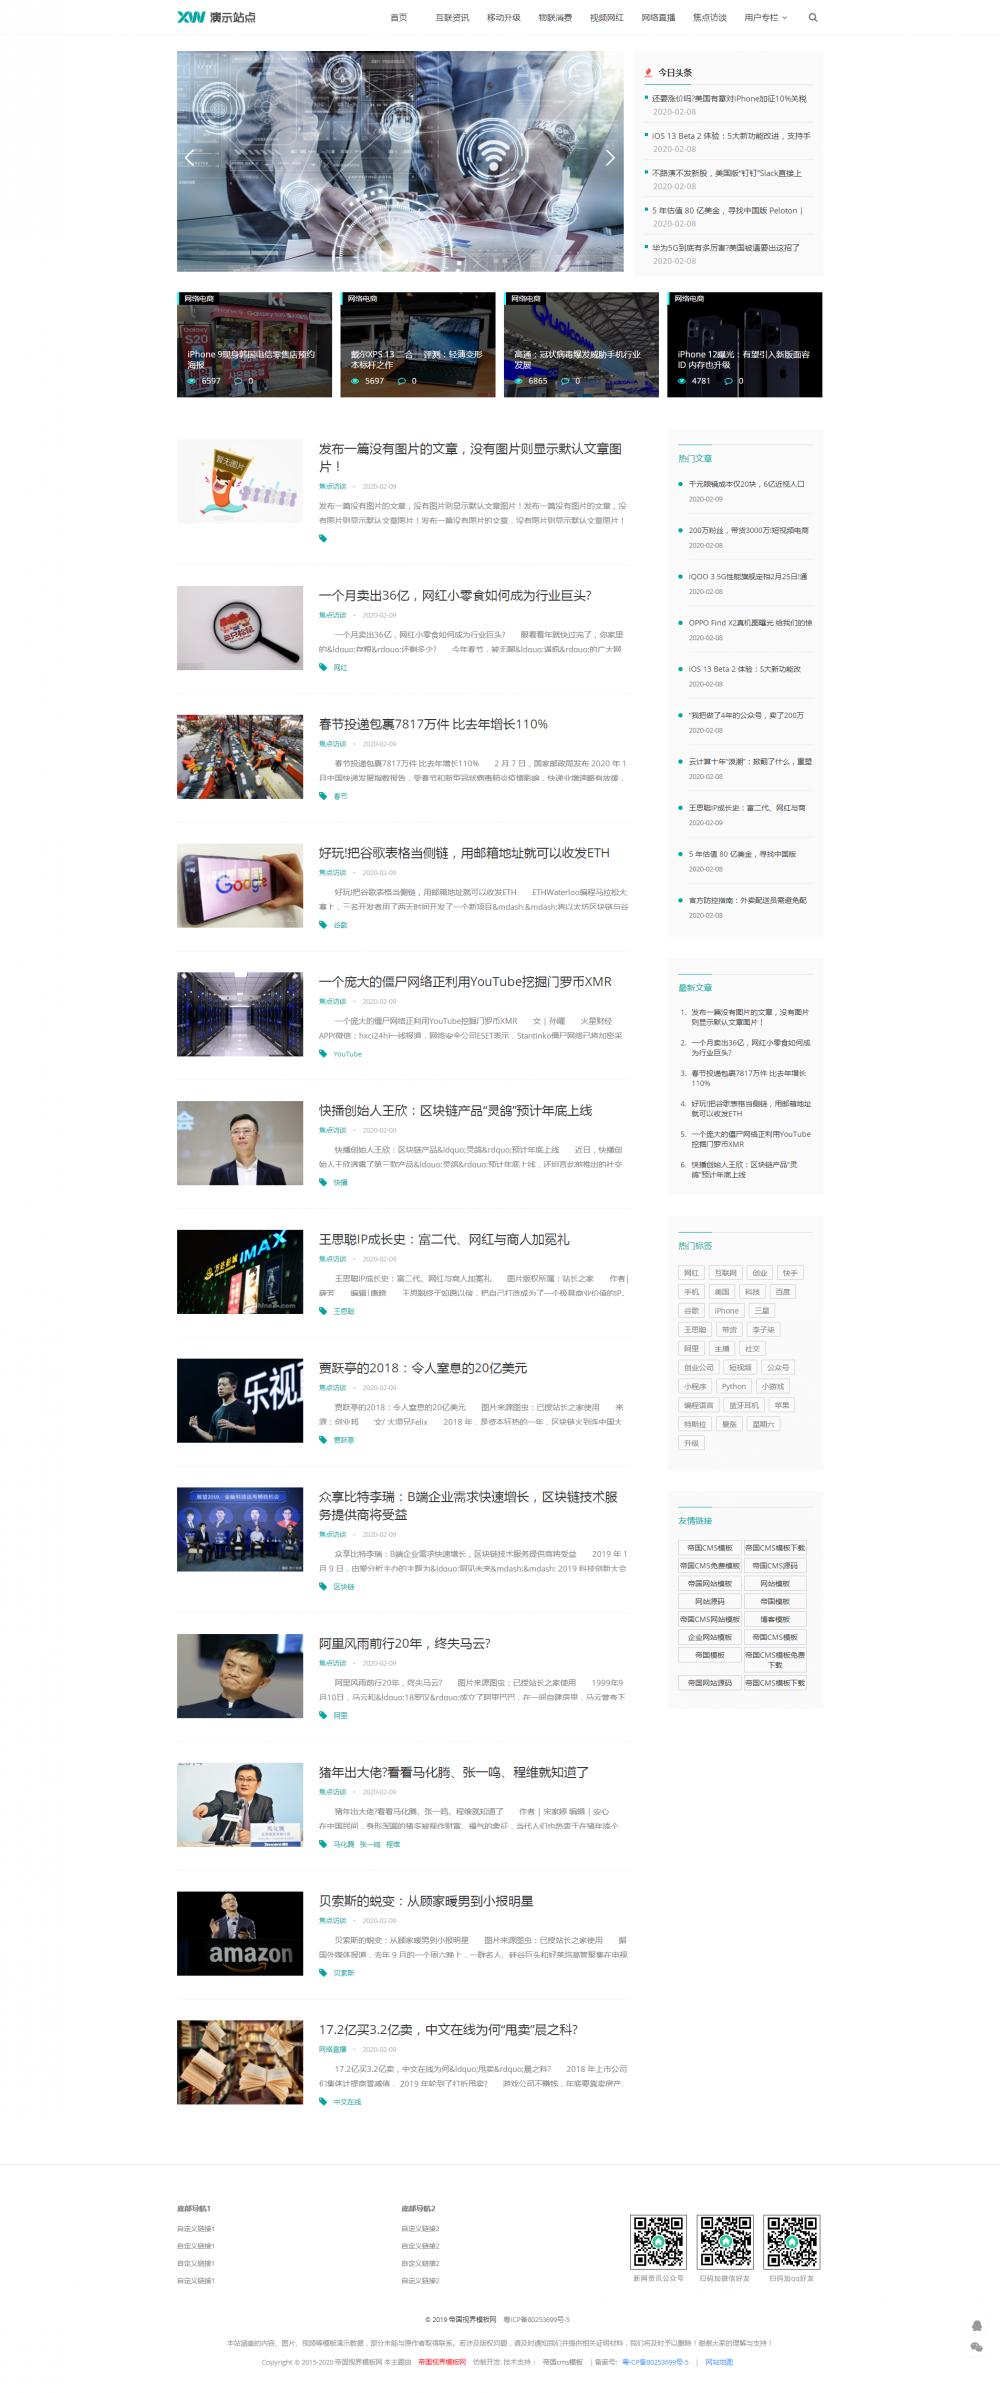 1网站首页.png [DG-129]帝国CMS响应式新闻资讯模板 自适应媒体资讯帝国CMS模板 新闻资讯 第1张